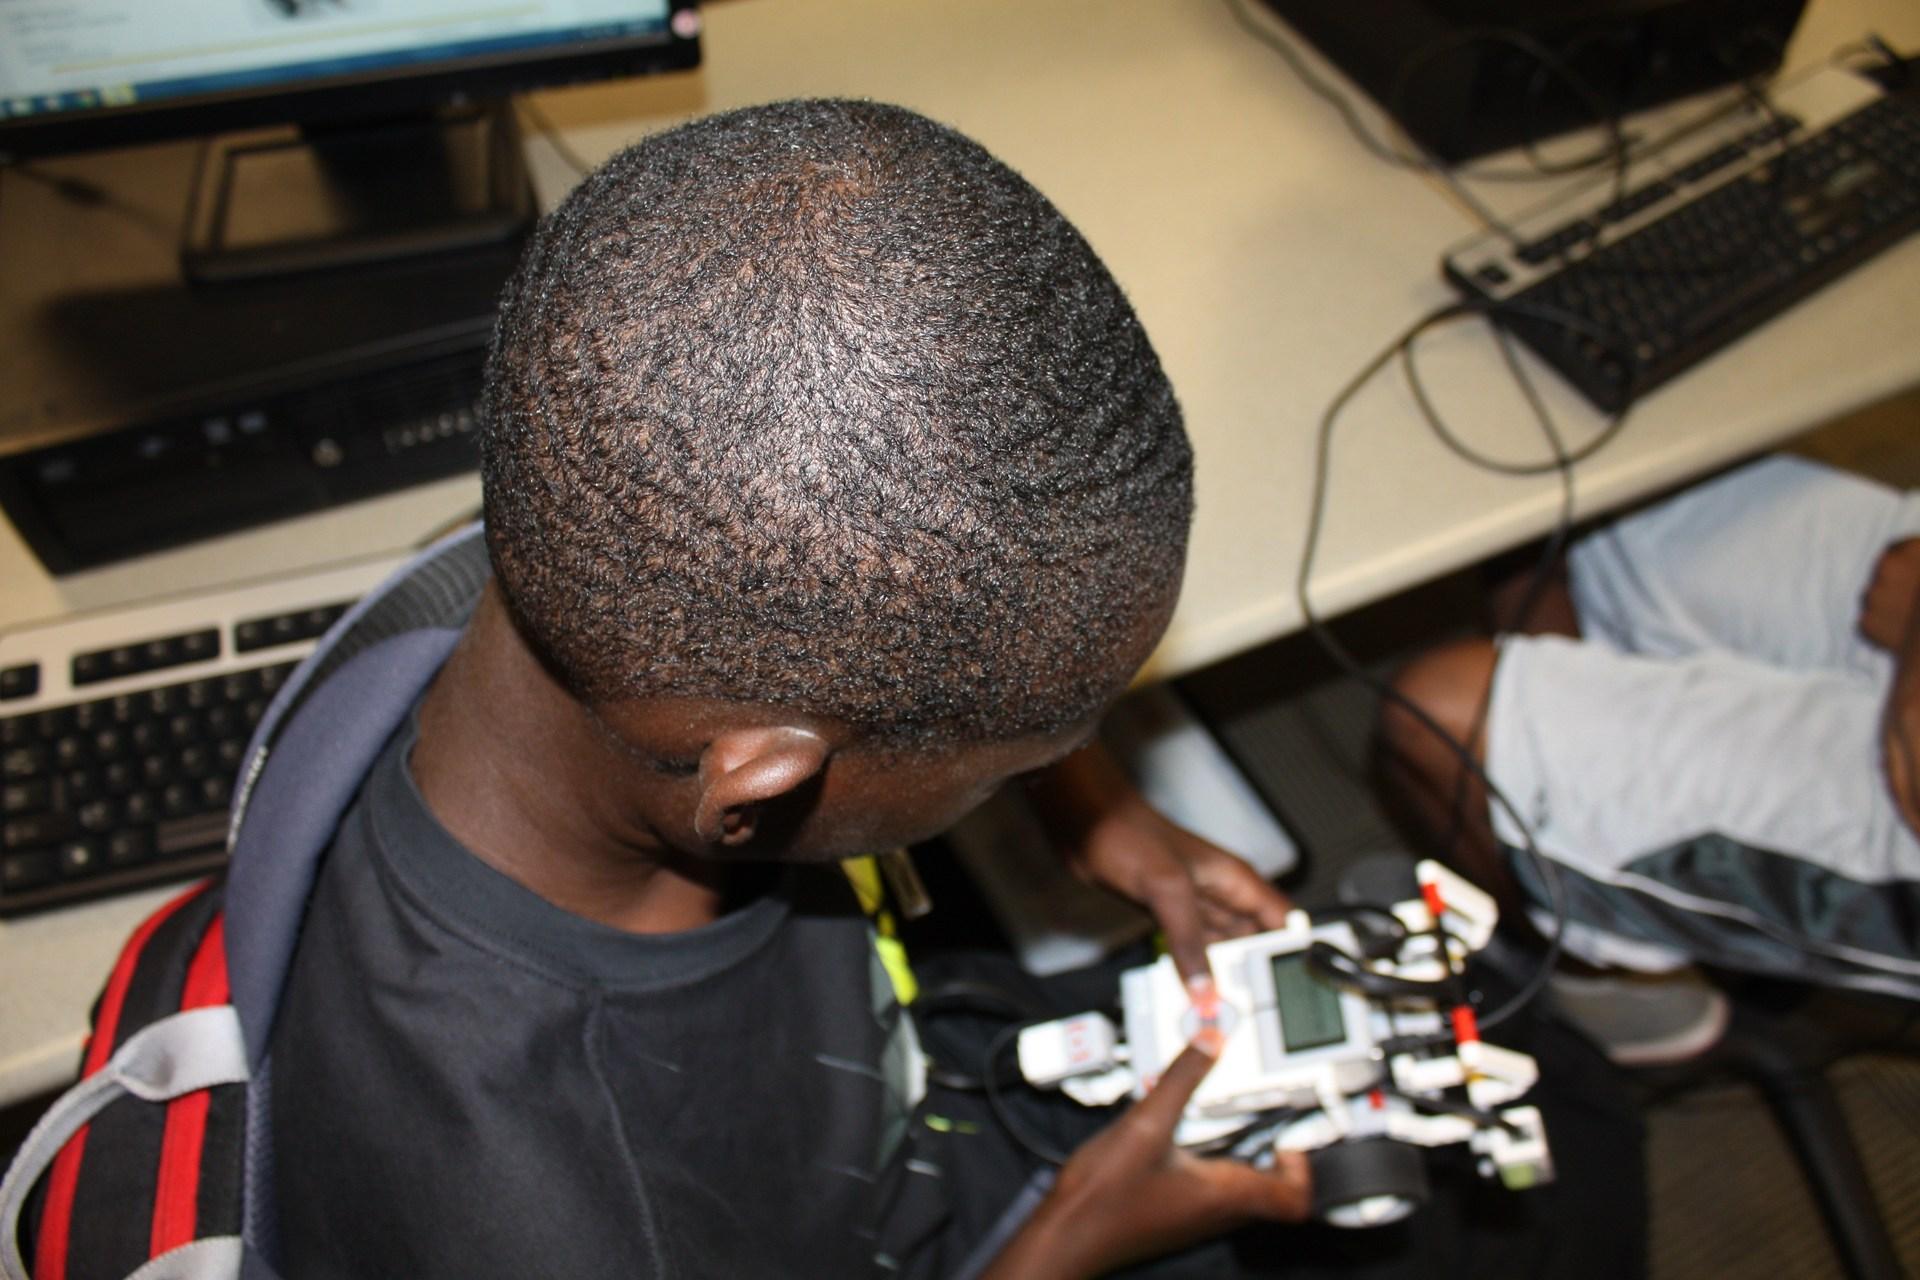 Student at summer Robotics Camp